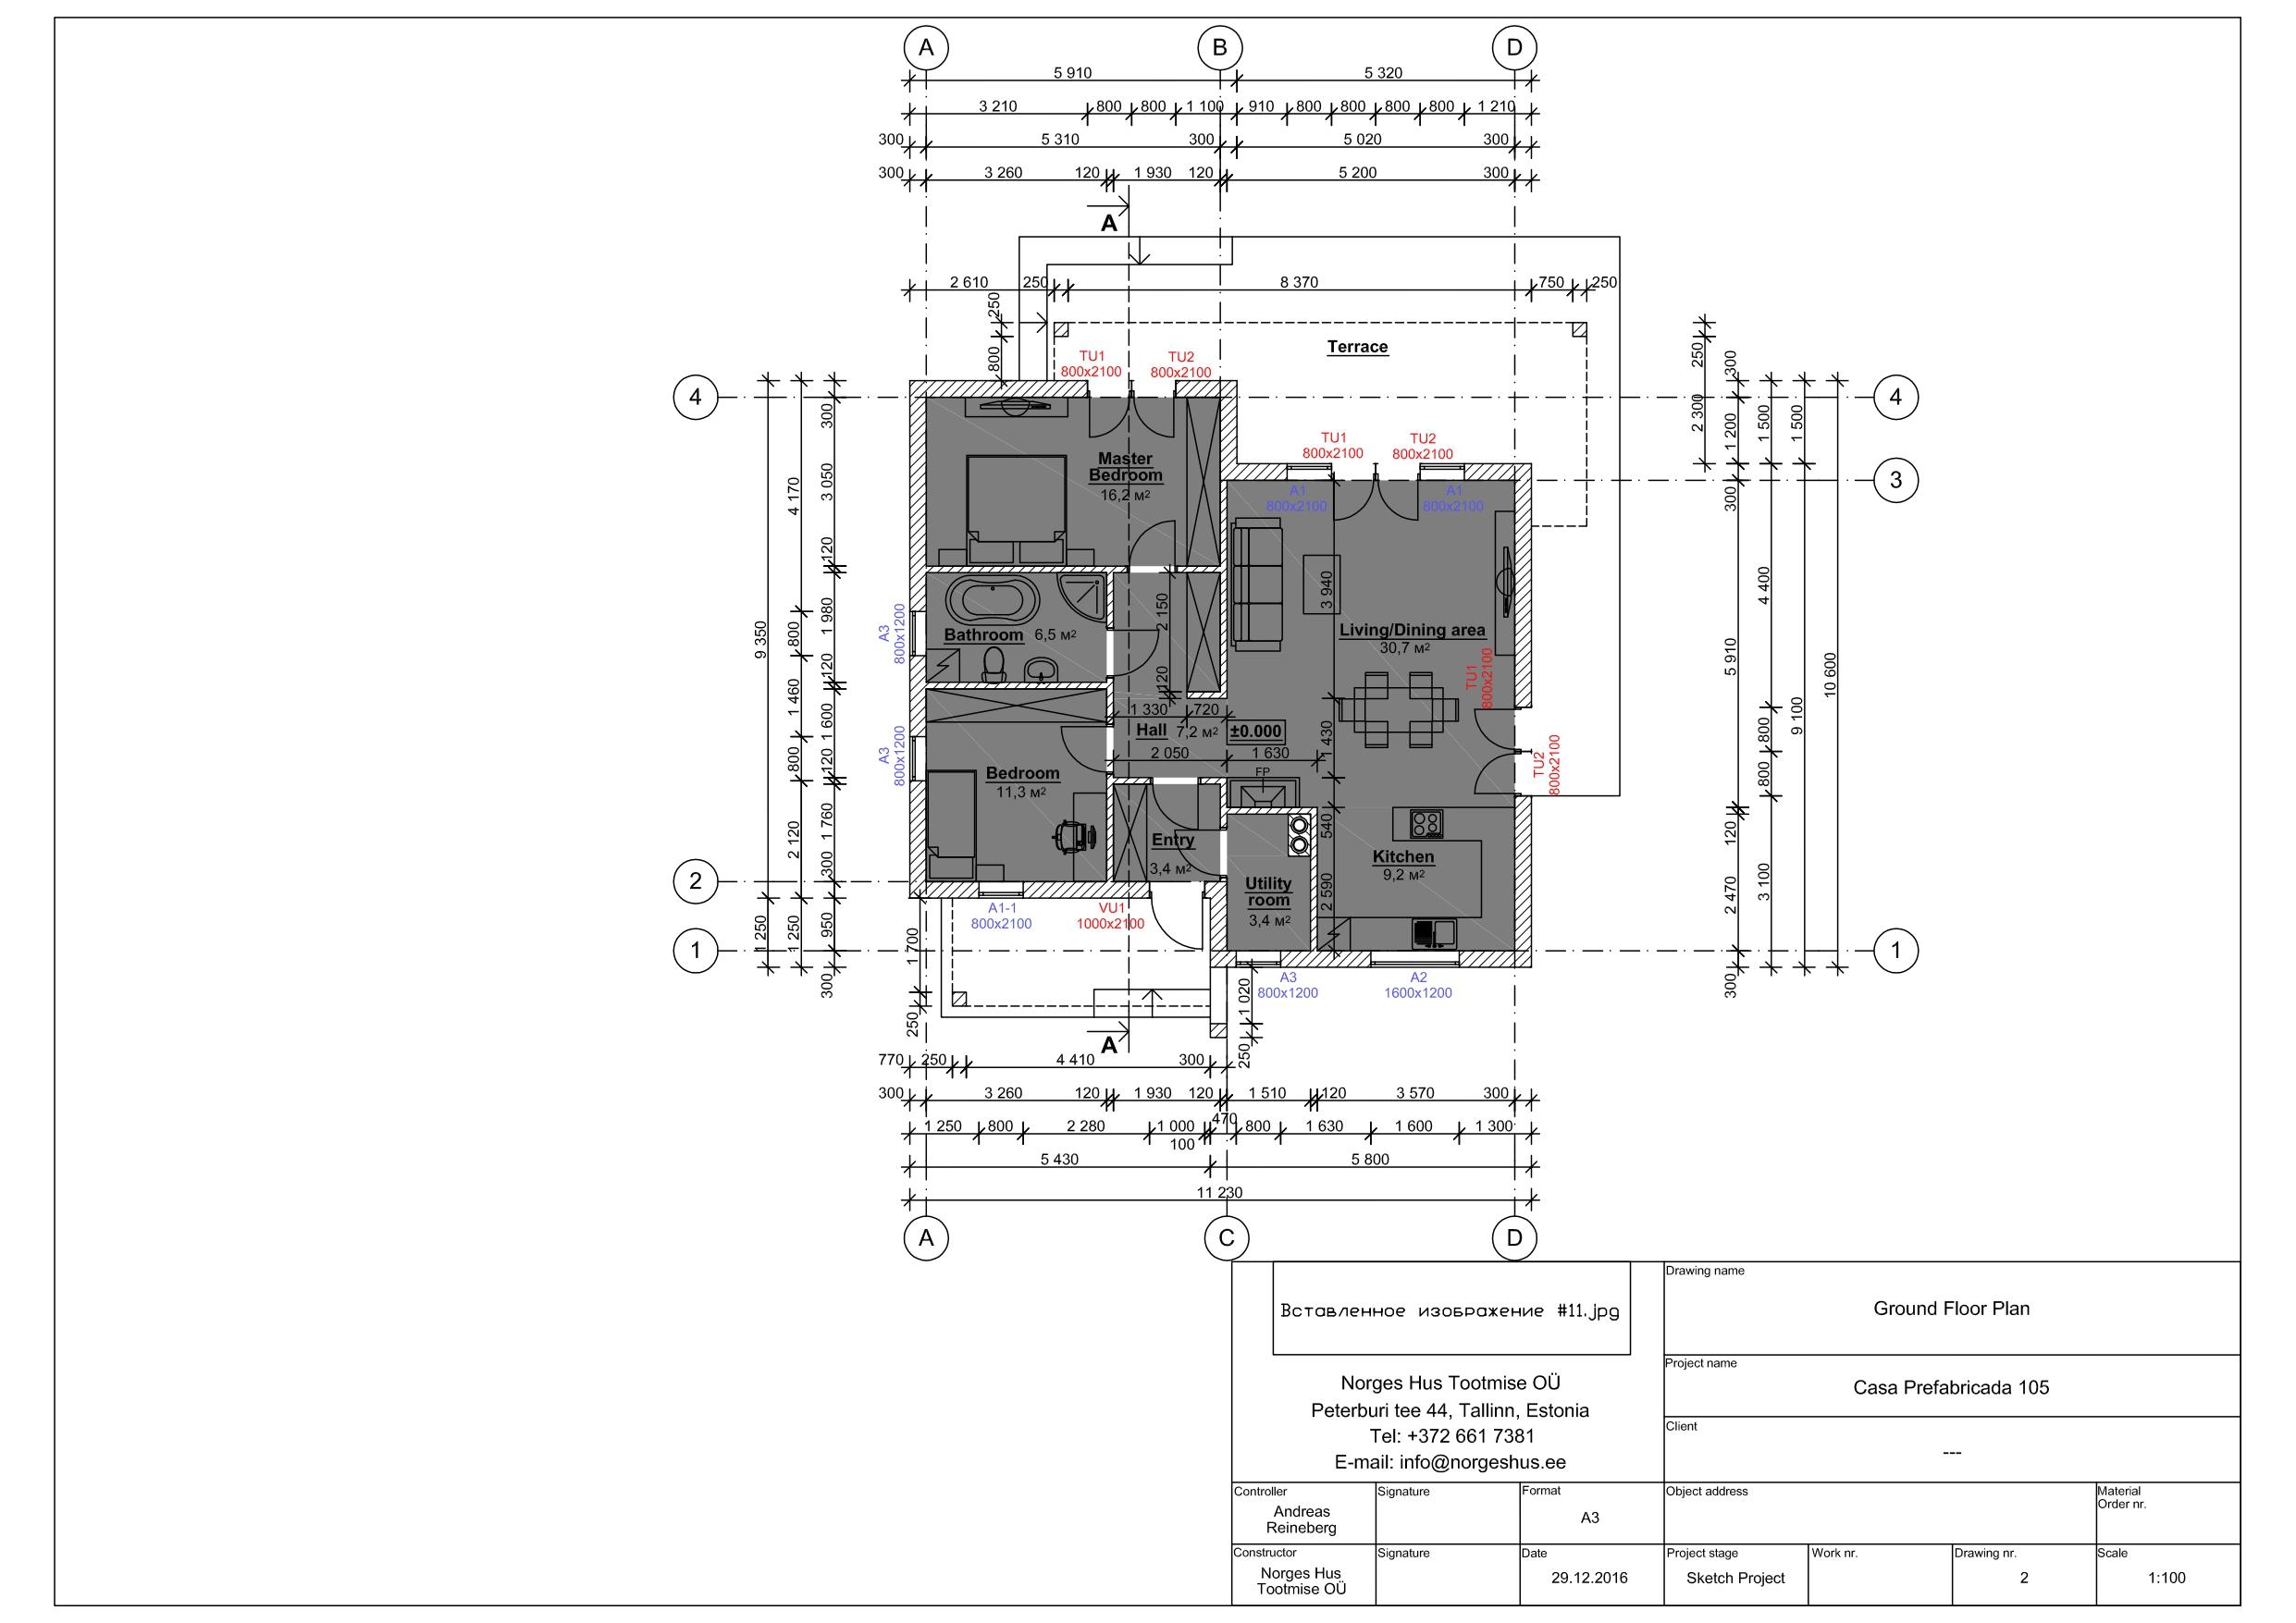 Planimetria della costruzione Casa in Legno modello MODELLO 105 di NORGES HUS